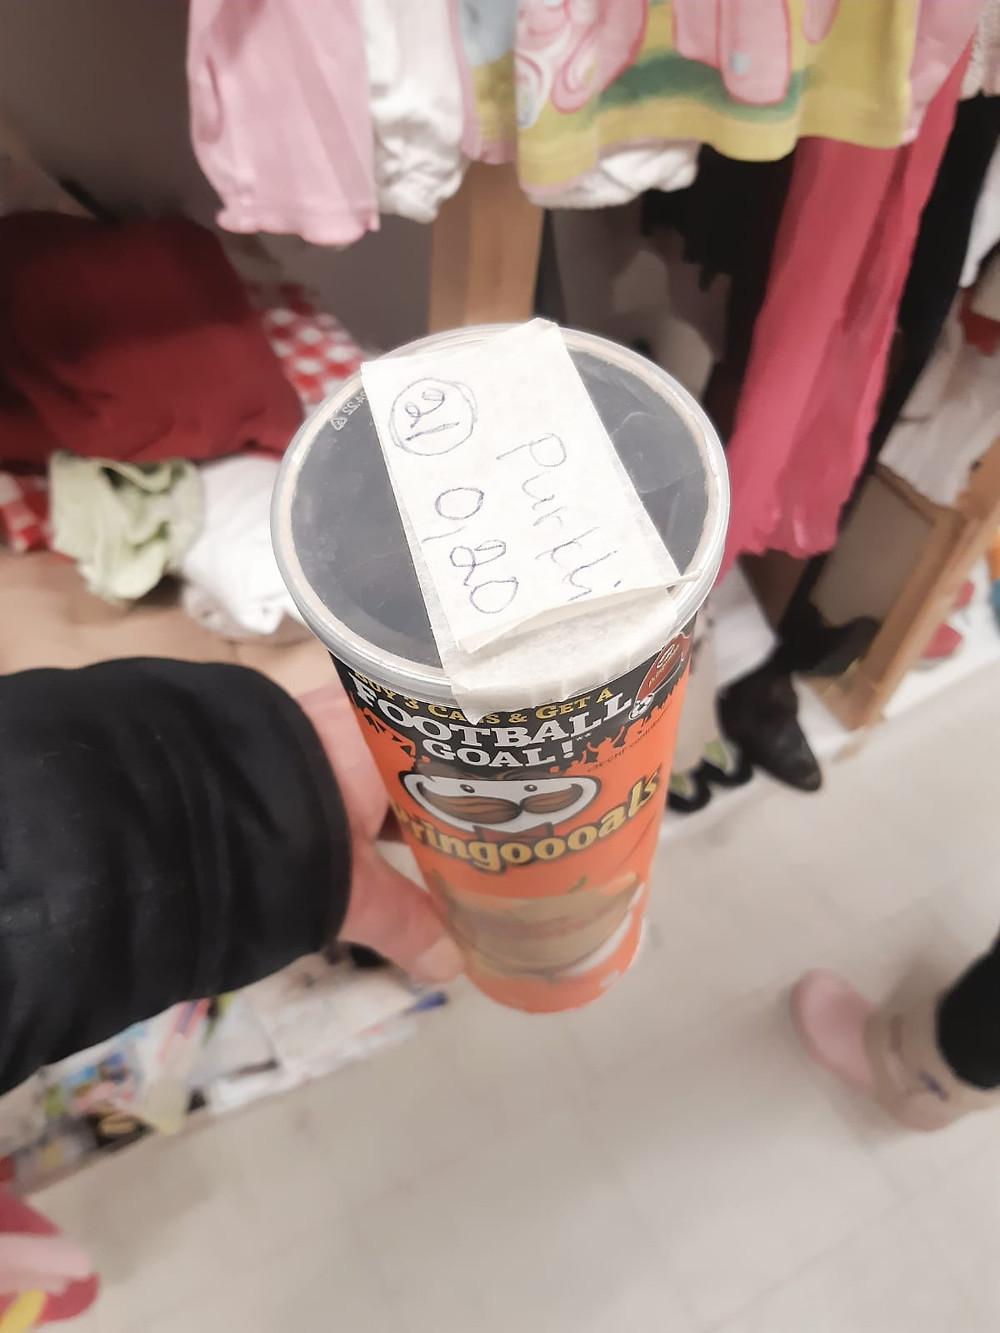 Tyhjä Pringles-purkki 0,20 €.